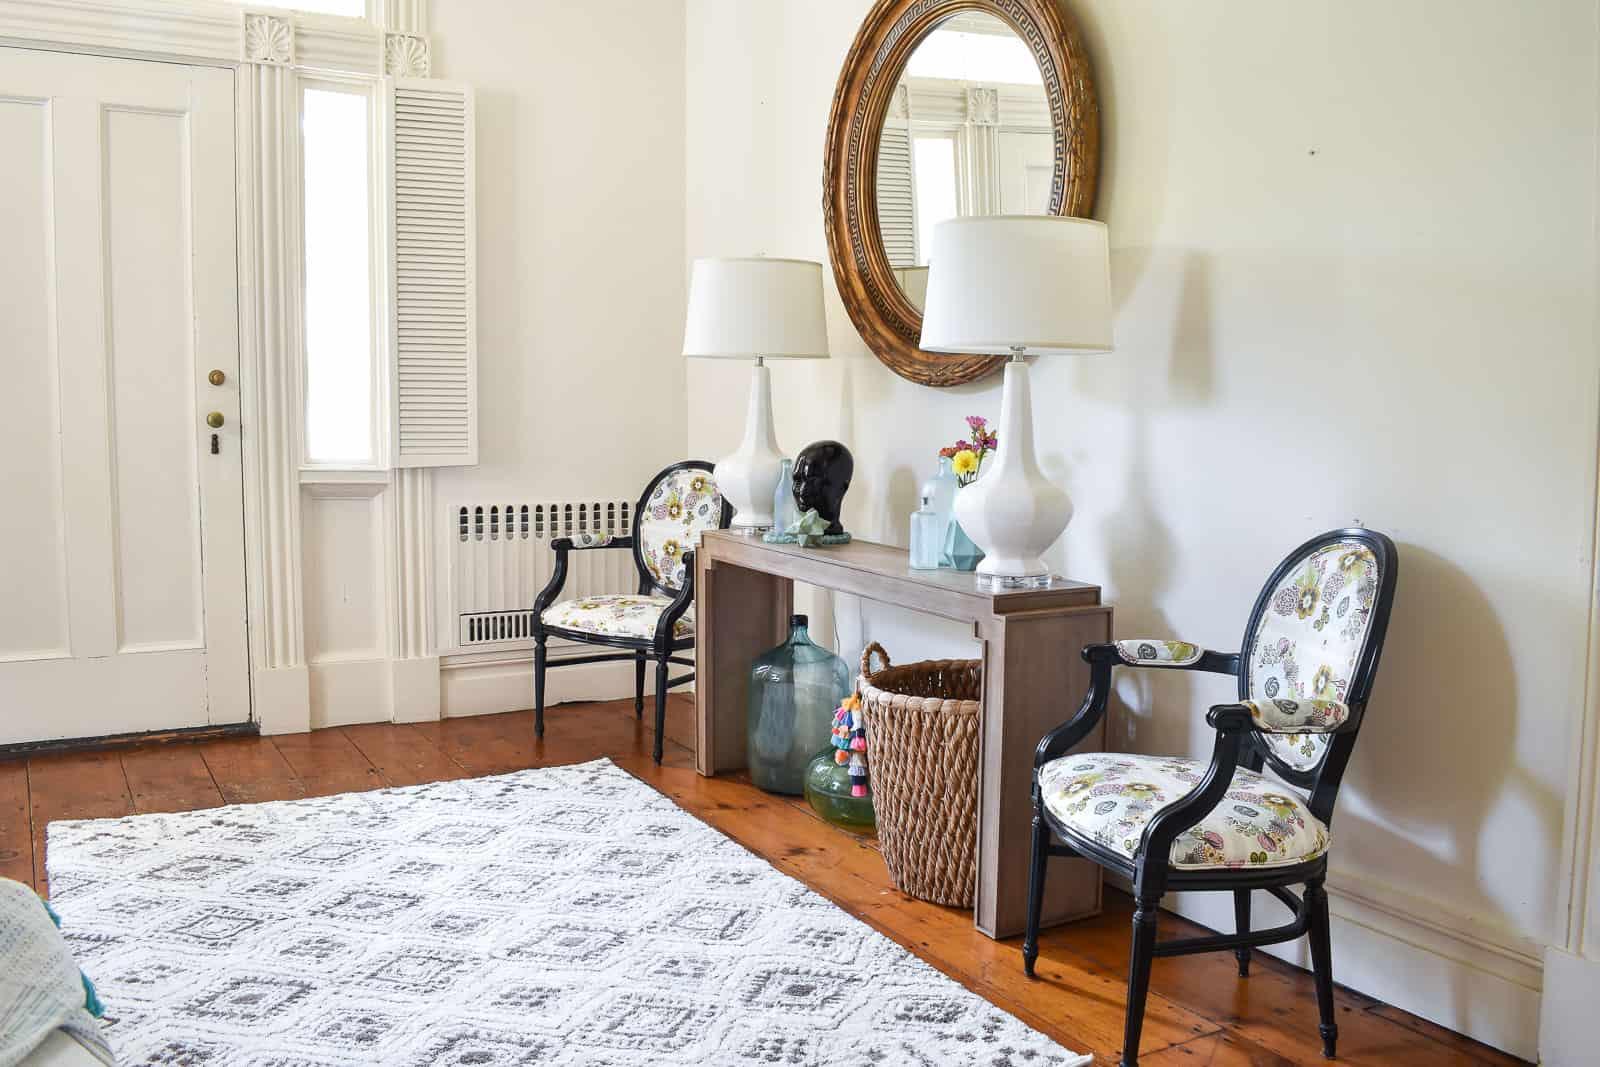 Foyer Reveal With Bassett Furniture